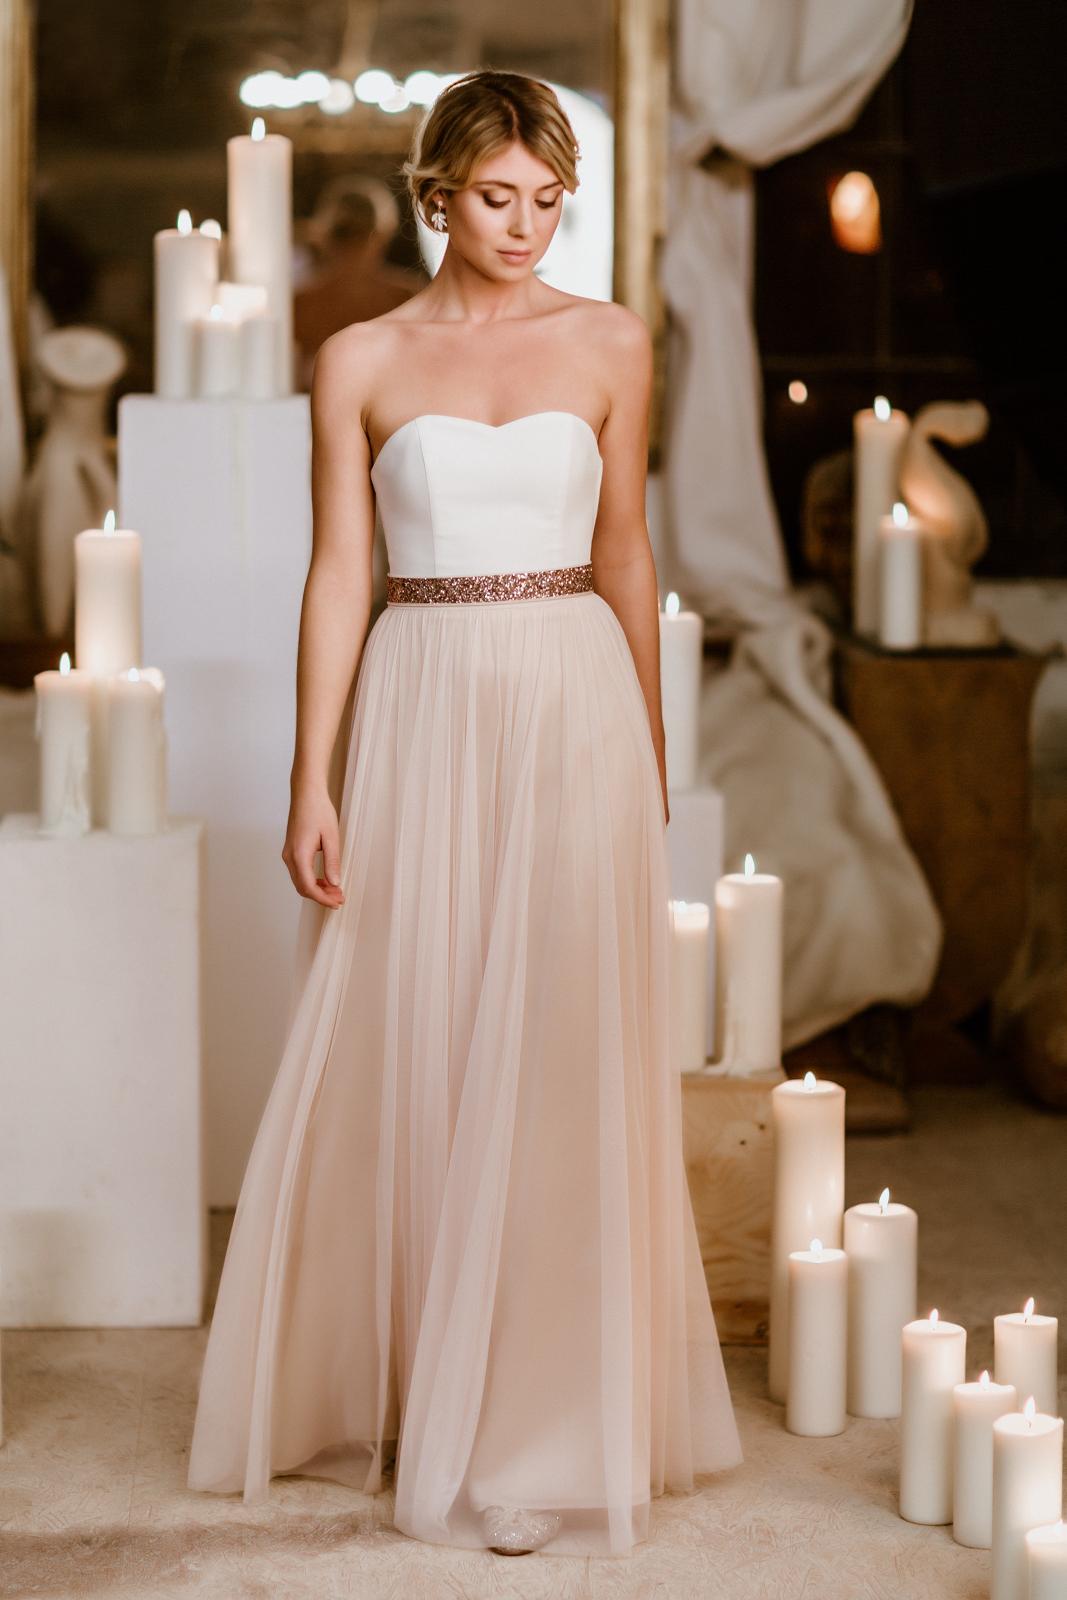 noni Brautkleider, zweiteiliges Brautkleid mit langem Tüllrock in Blush und Corsage in Ivory, Glitzergürtel in Roségold